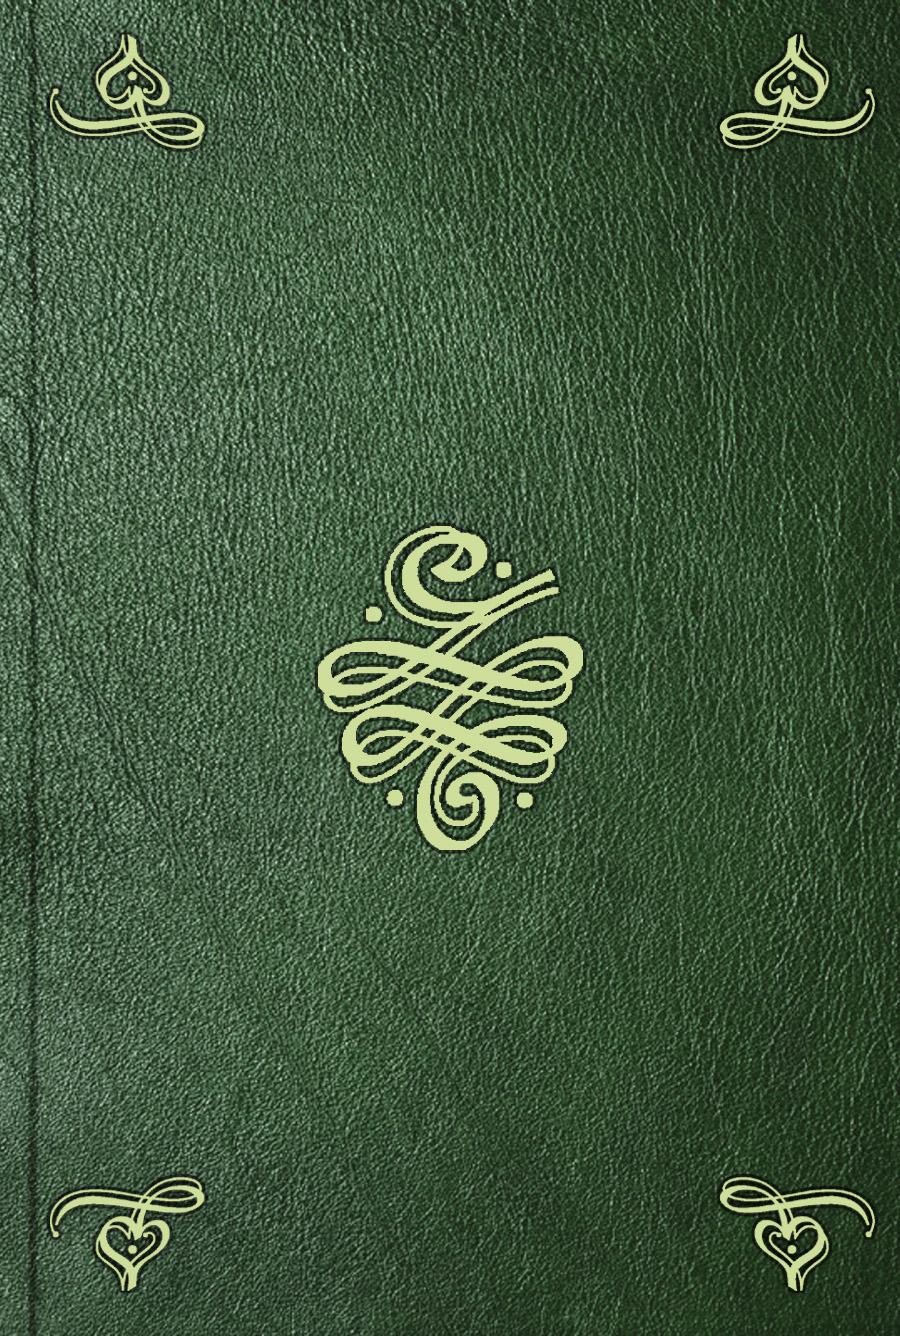 Jacques Necker Collection complette de tous les ouvrages. T. 2 tous